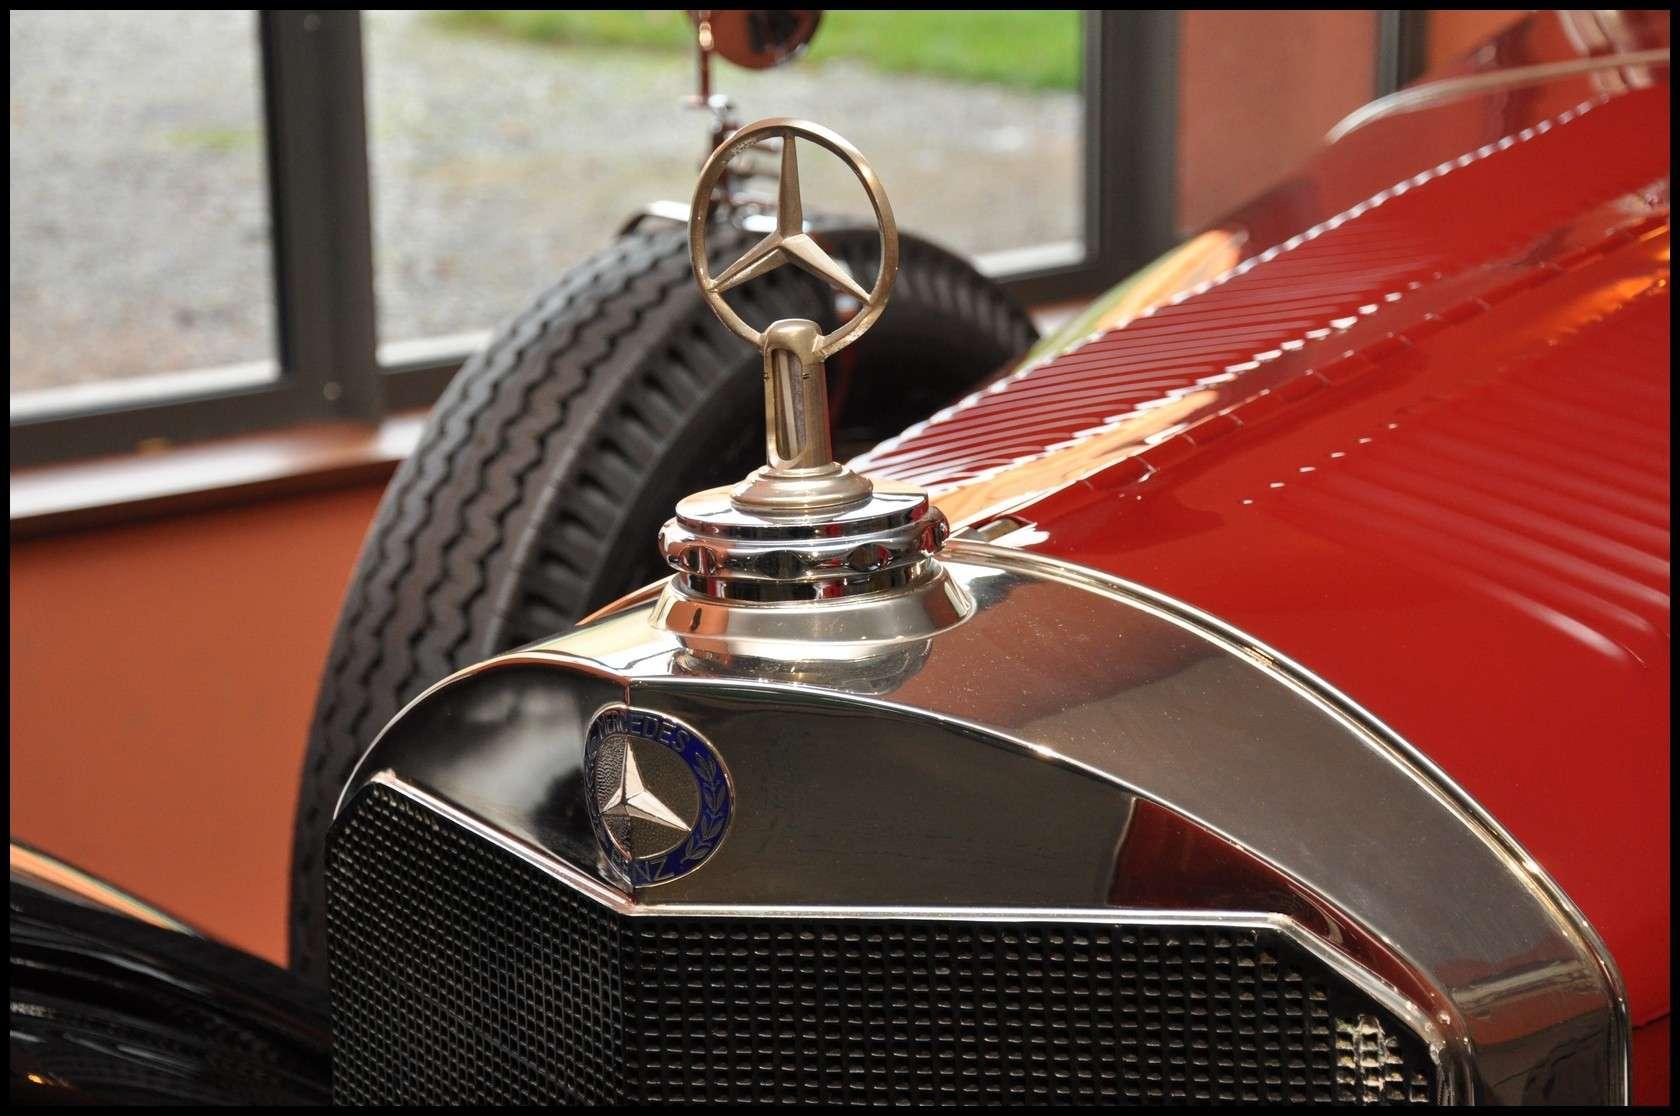 Mulhouse: La Cité de l' automobile, the largest car museum in the world. Merced11